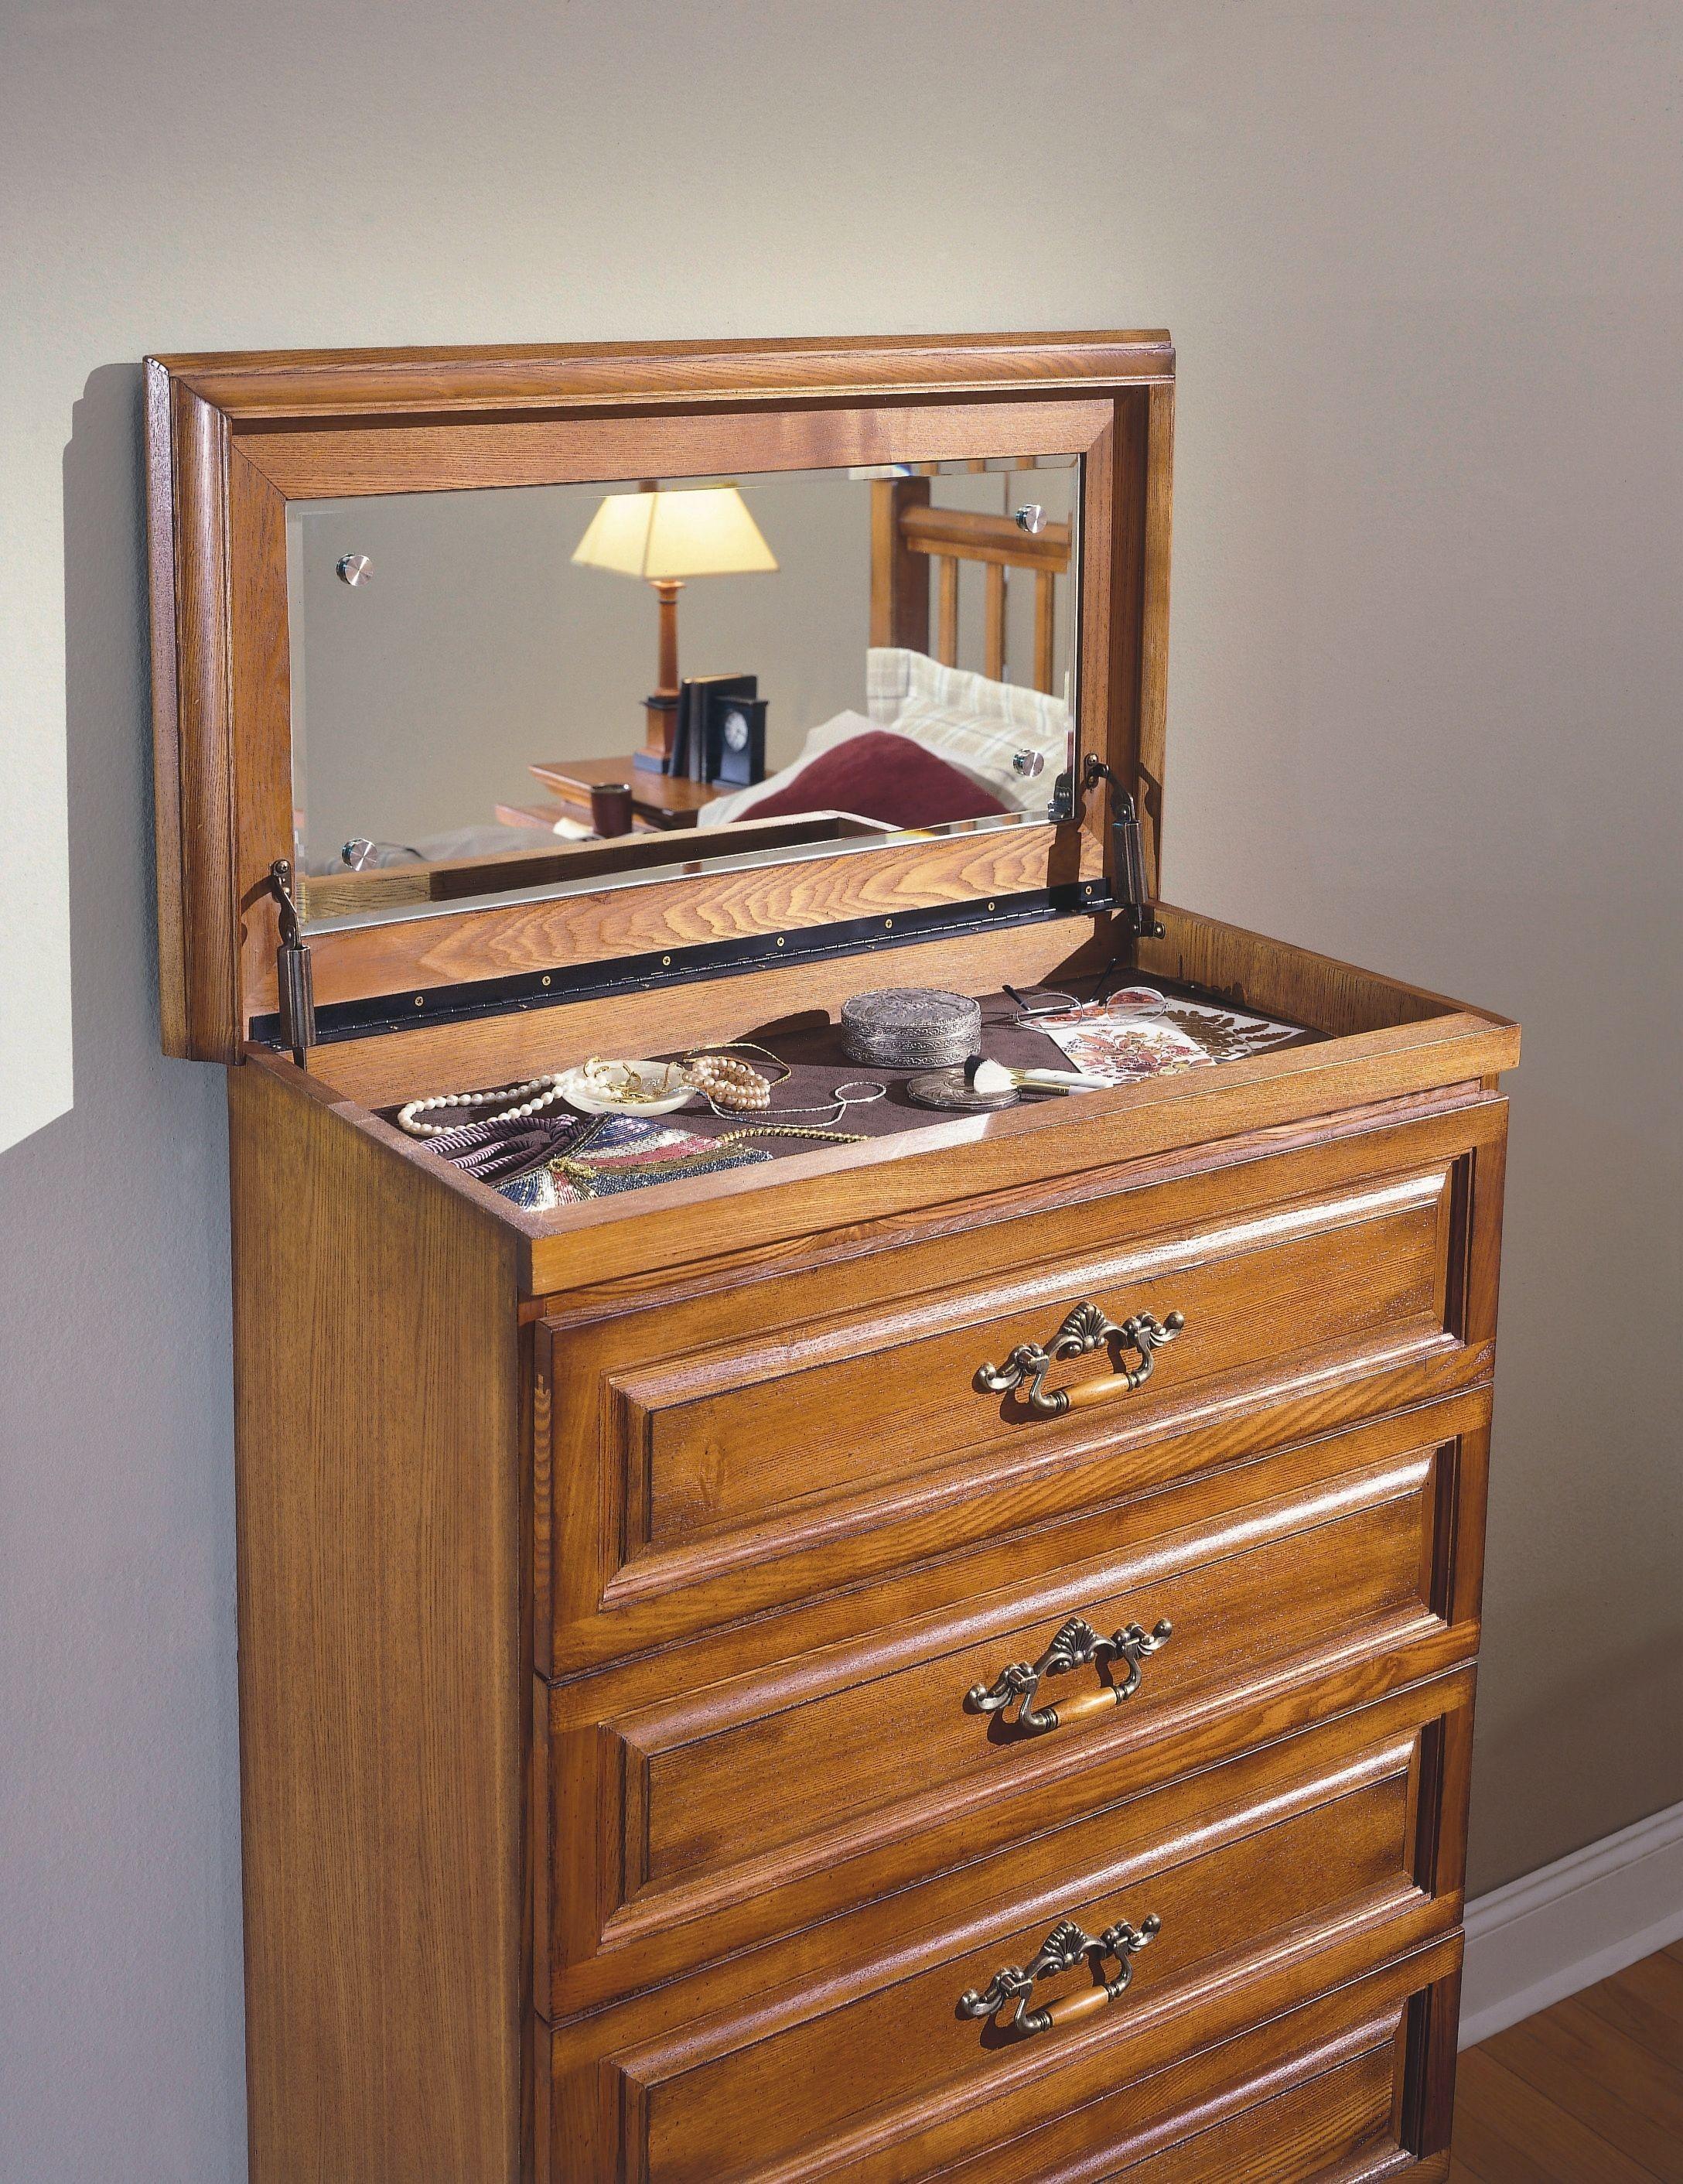 Honey Creek Caramel Poster Bedroom Set From New Classics 1133 312a 322a 332a Coleman Furniture